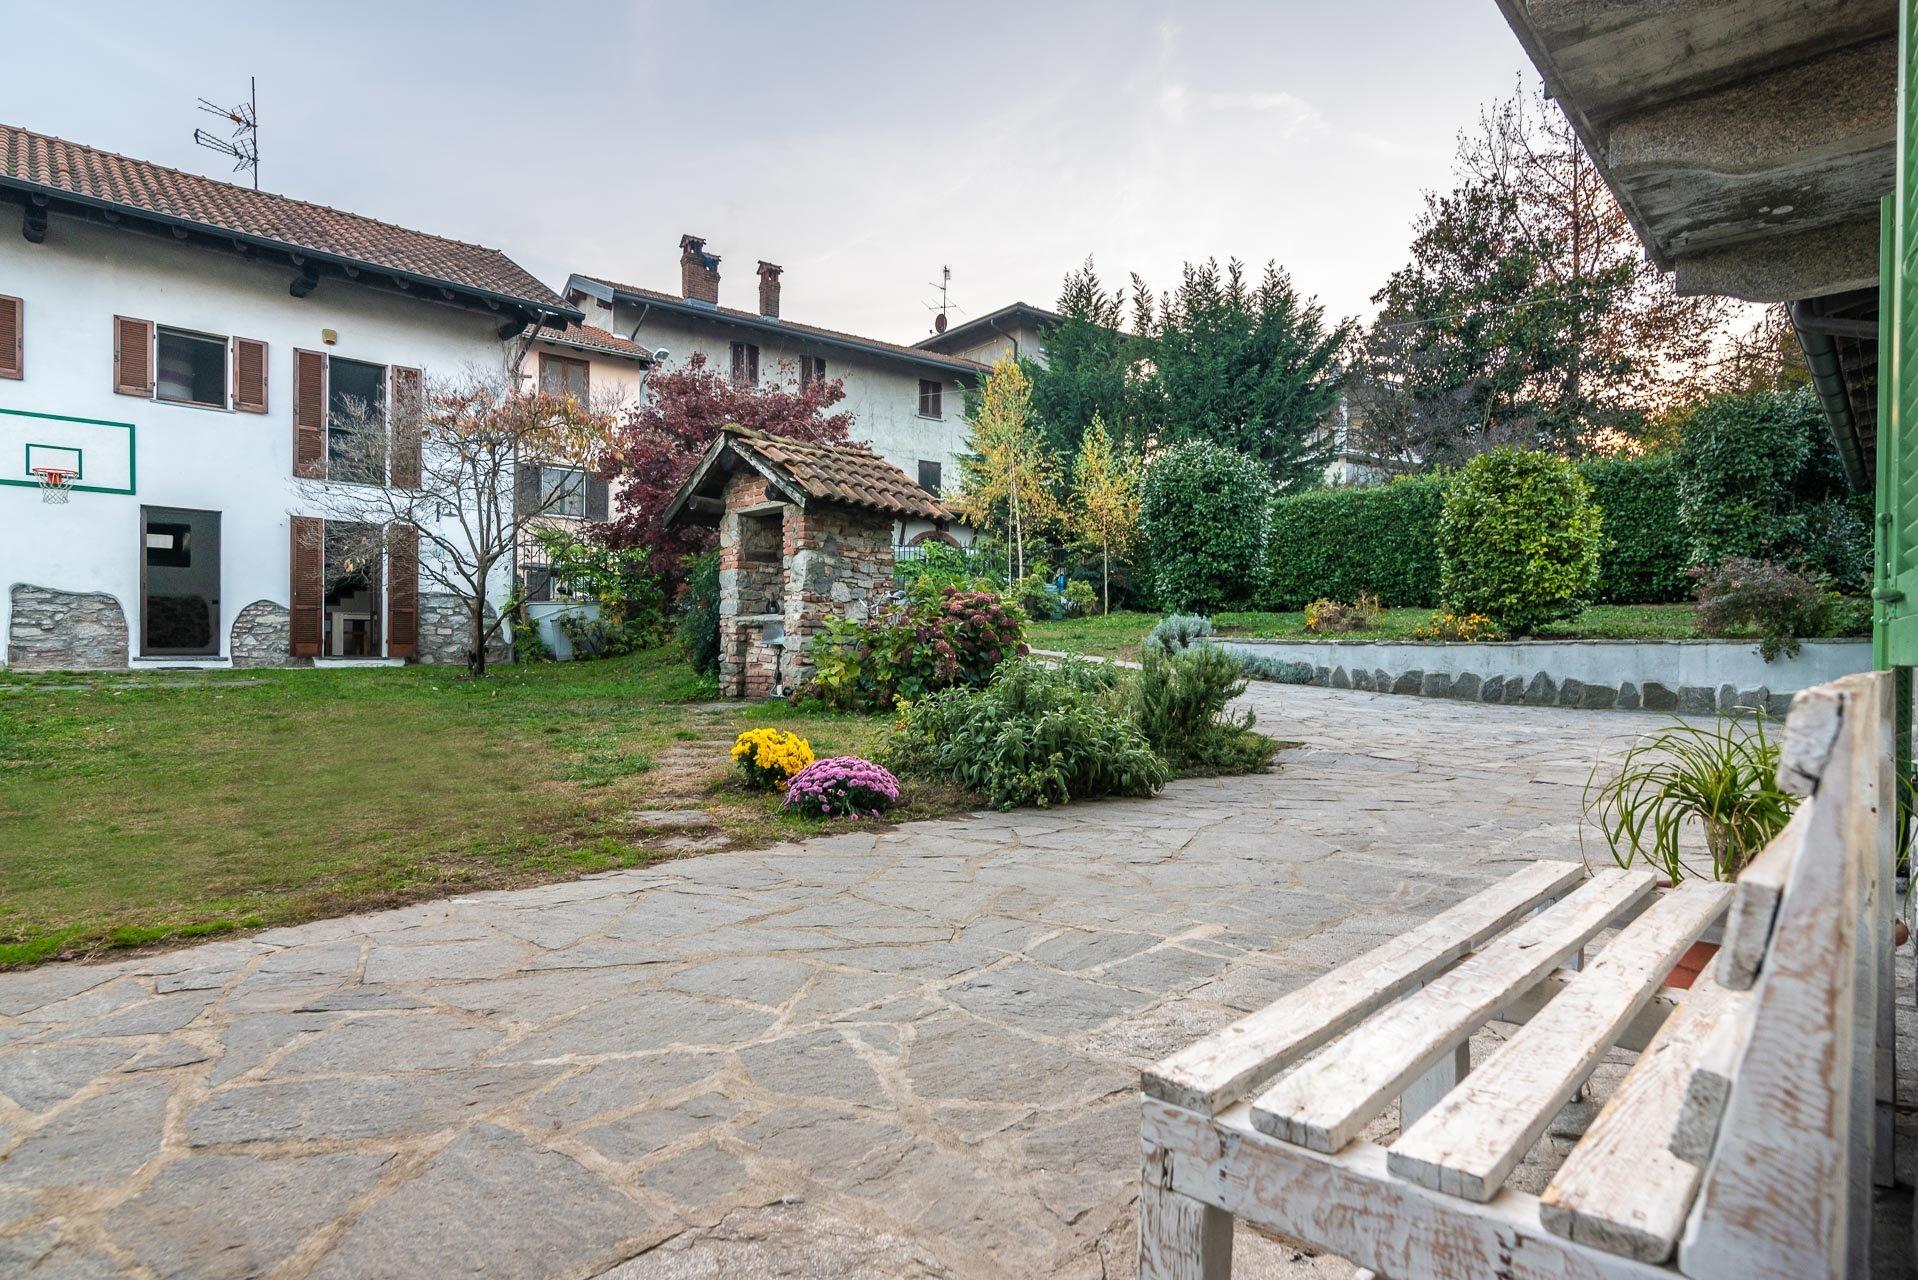 Rustikale Renovierung zum Verkauf in der Nähe des Lago Maggiore